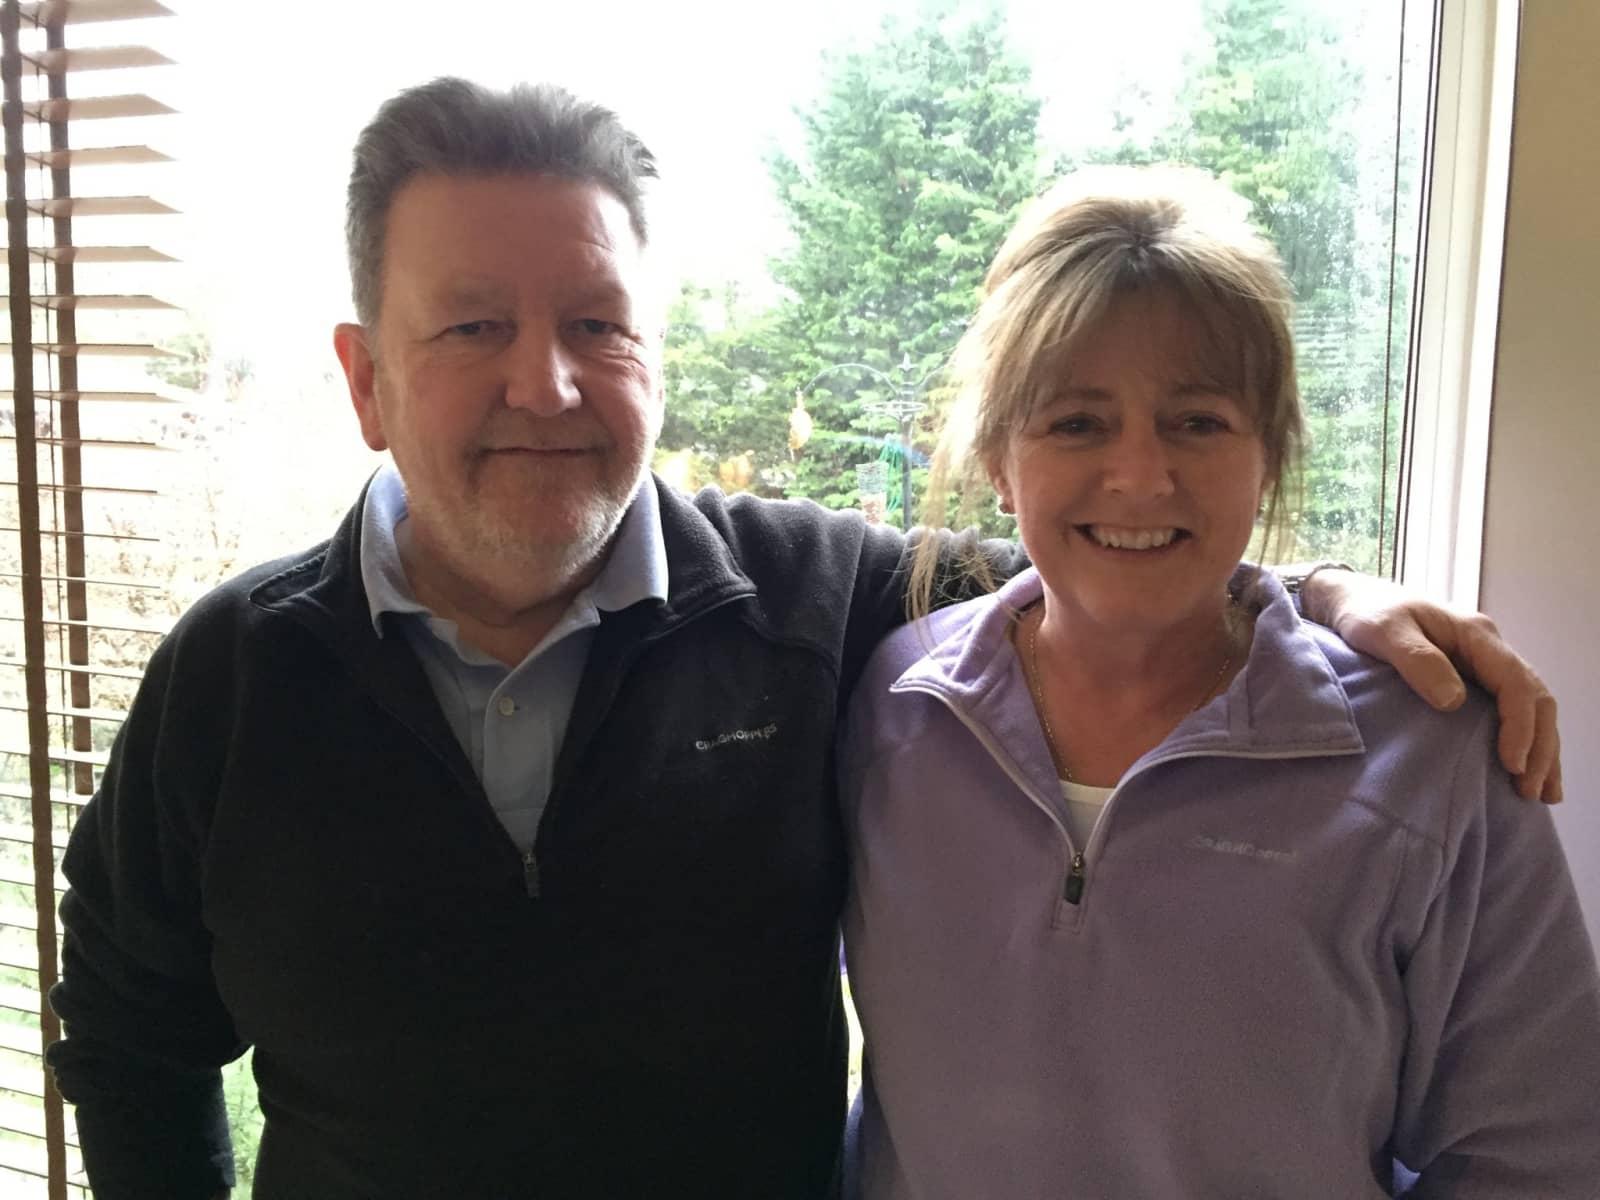 Alan & Rosalind from Glasgow, United Kingdom